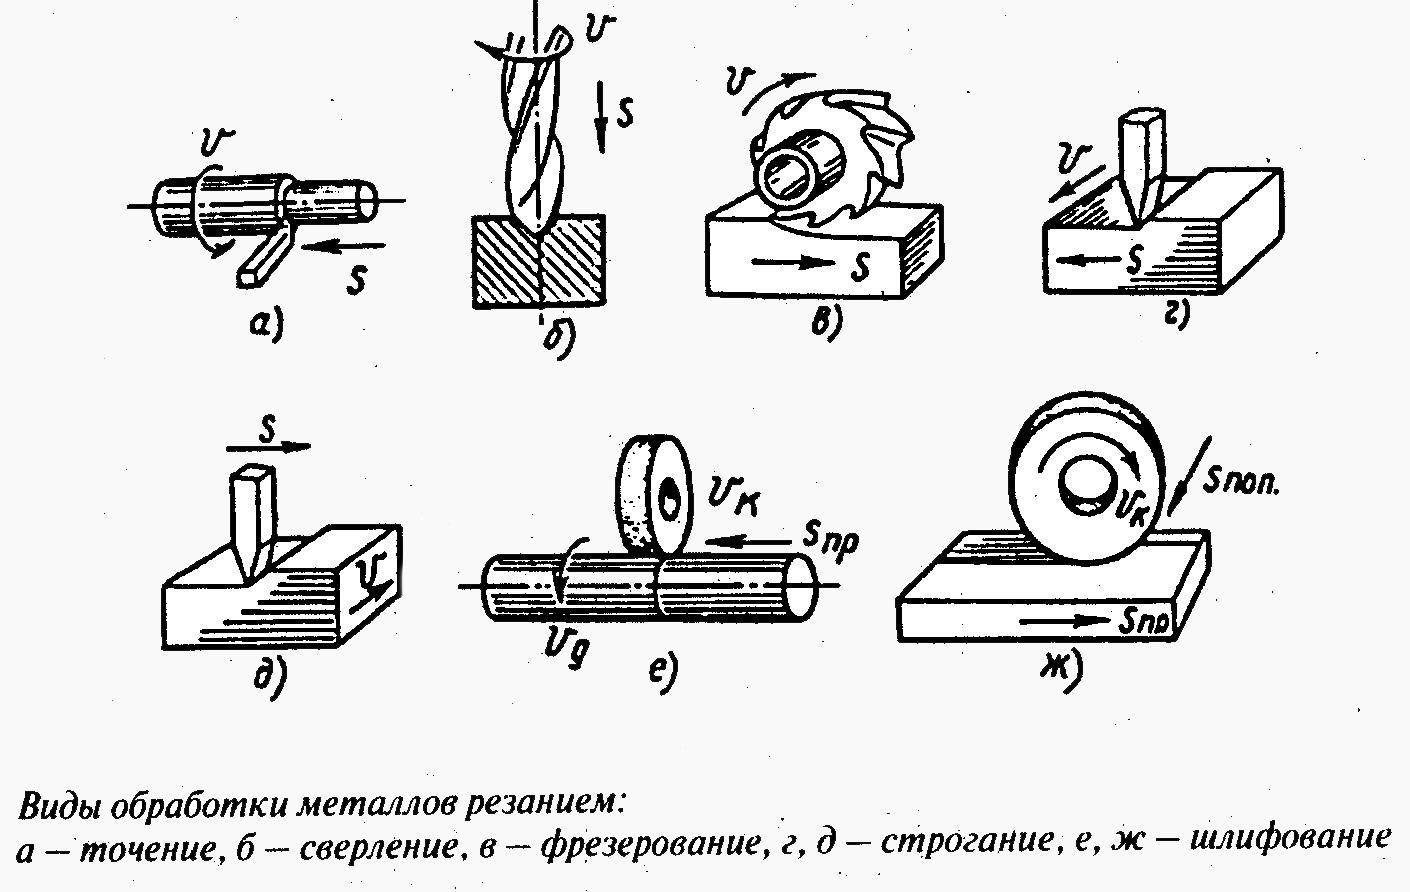 Виды художественной обработки металла